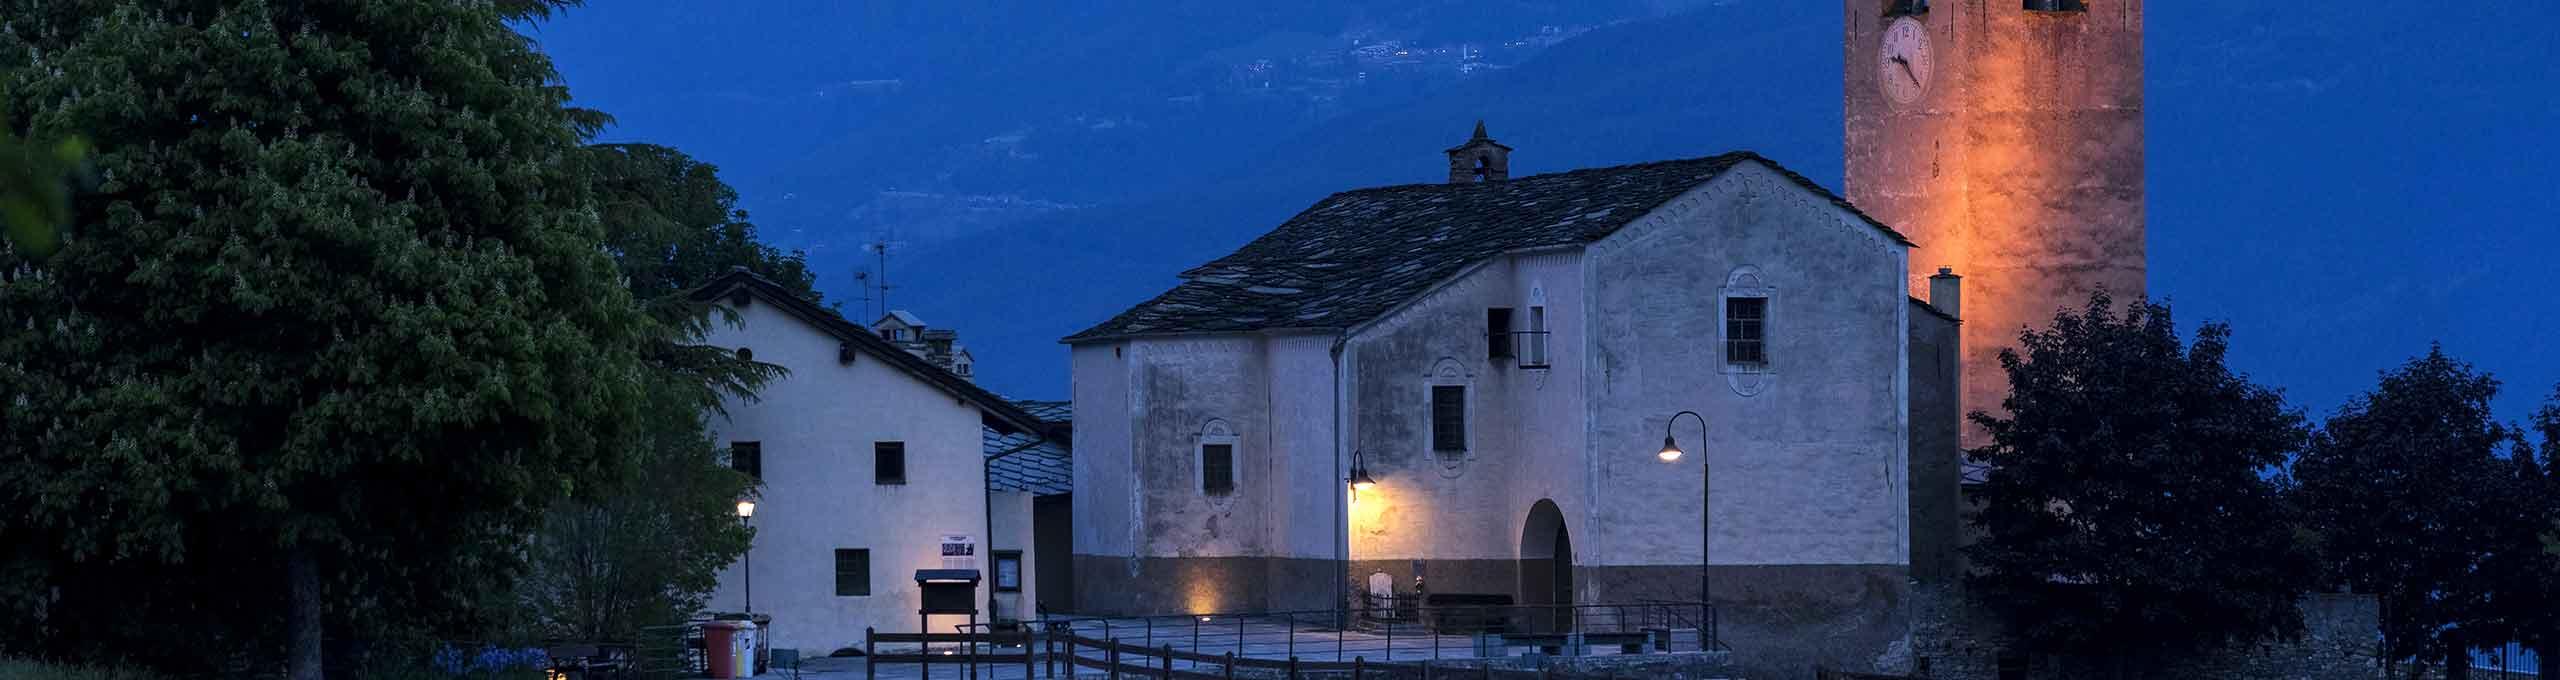 Vista notturna della chiesa di Saint Nicolas